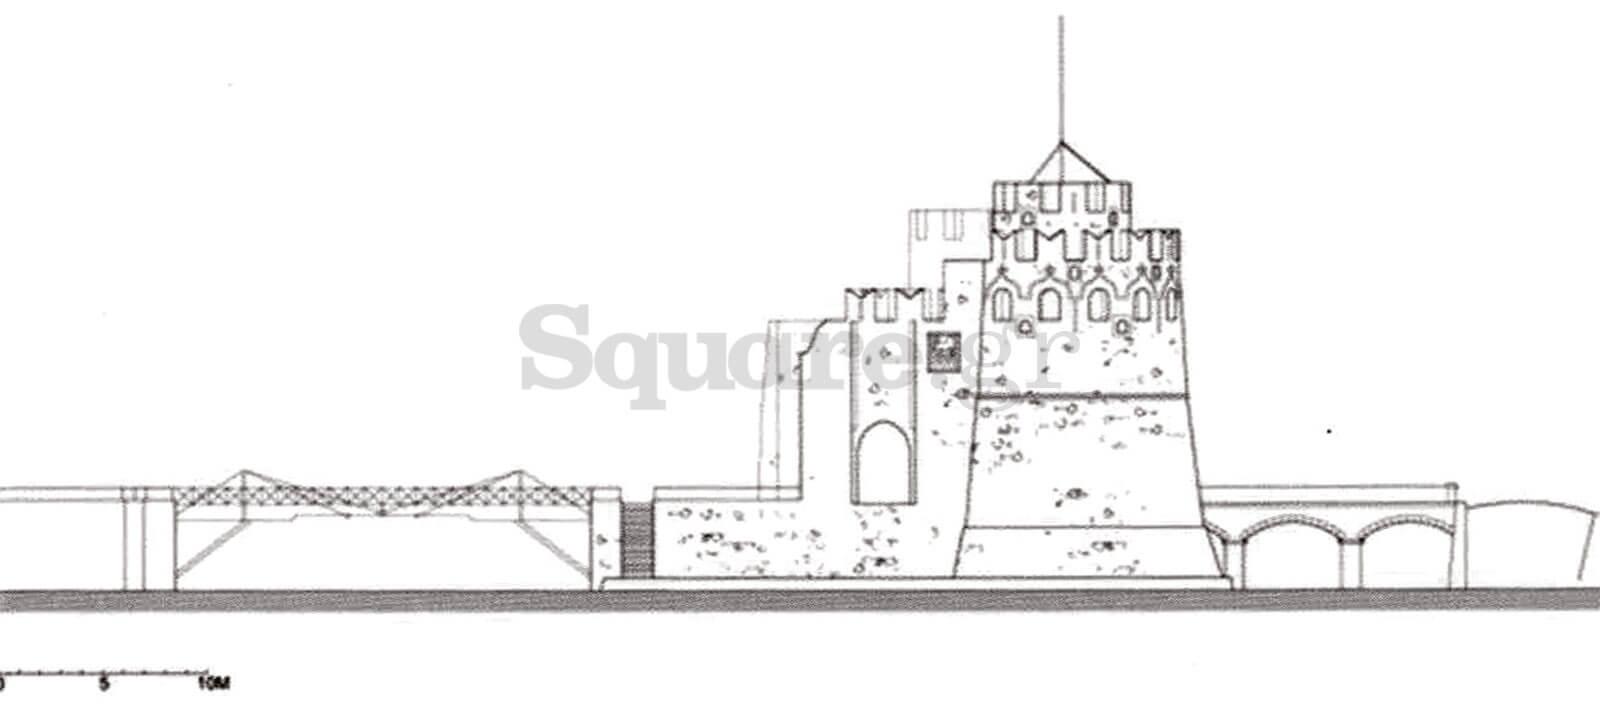 23-Βόρεια-όψη-κάστρου-του-Ευρίπου-Αριστερά-η-σιδερένια-Οθωνική-γέφυρα-Δεξιά-η-πέτρινη-τρίτοξη-γέφυρα